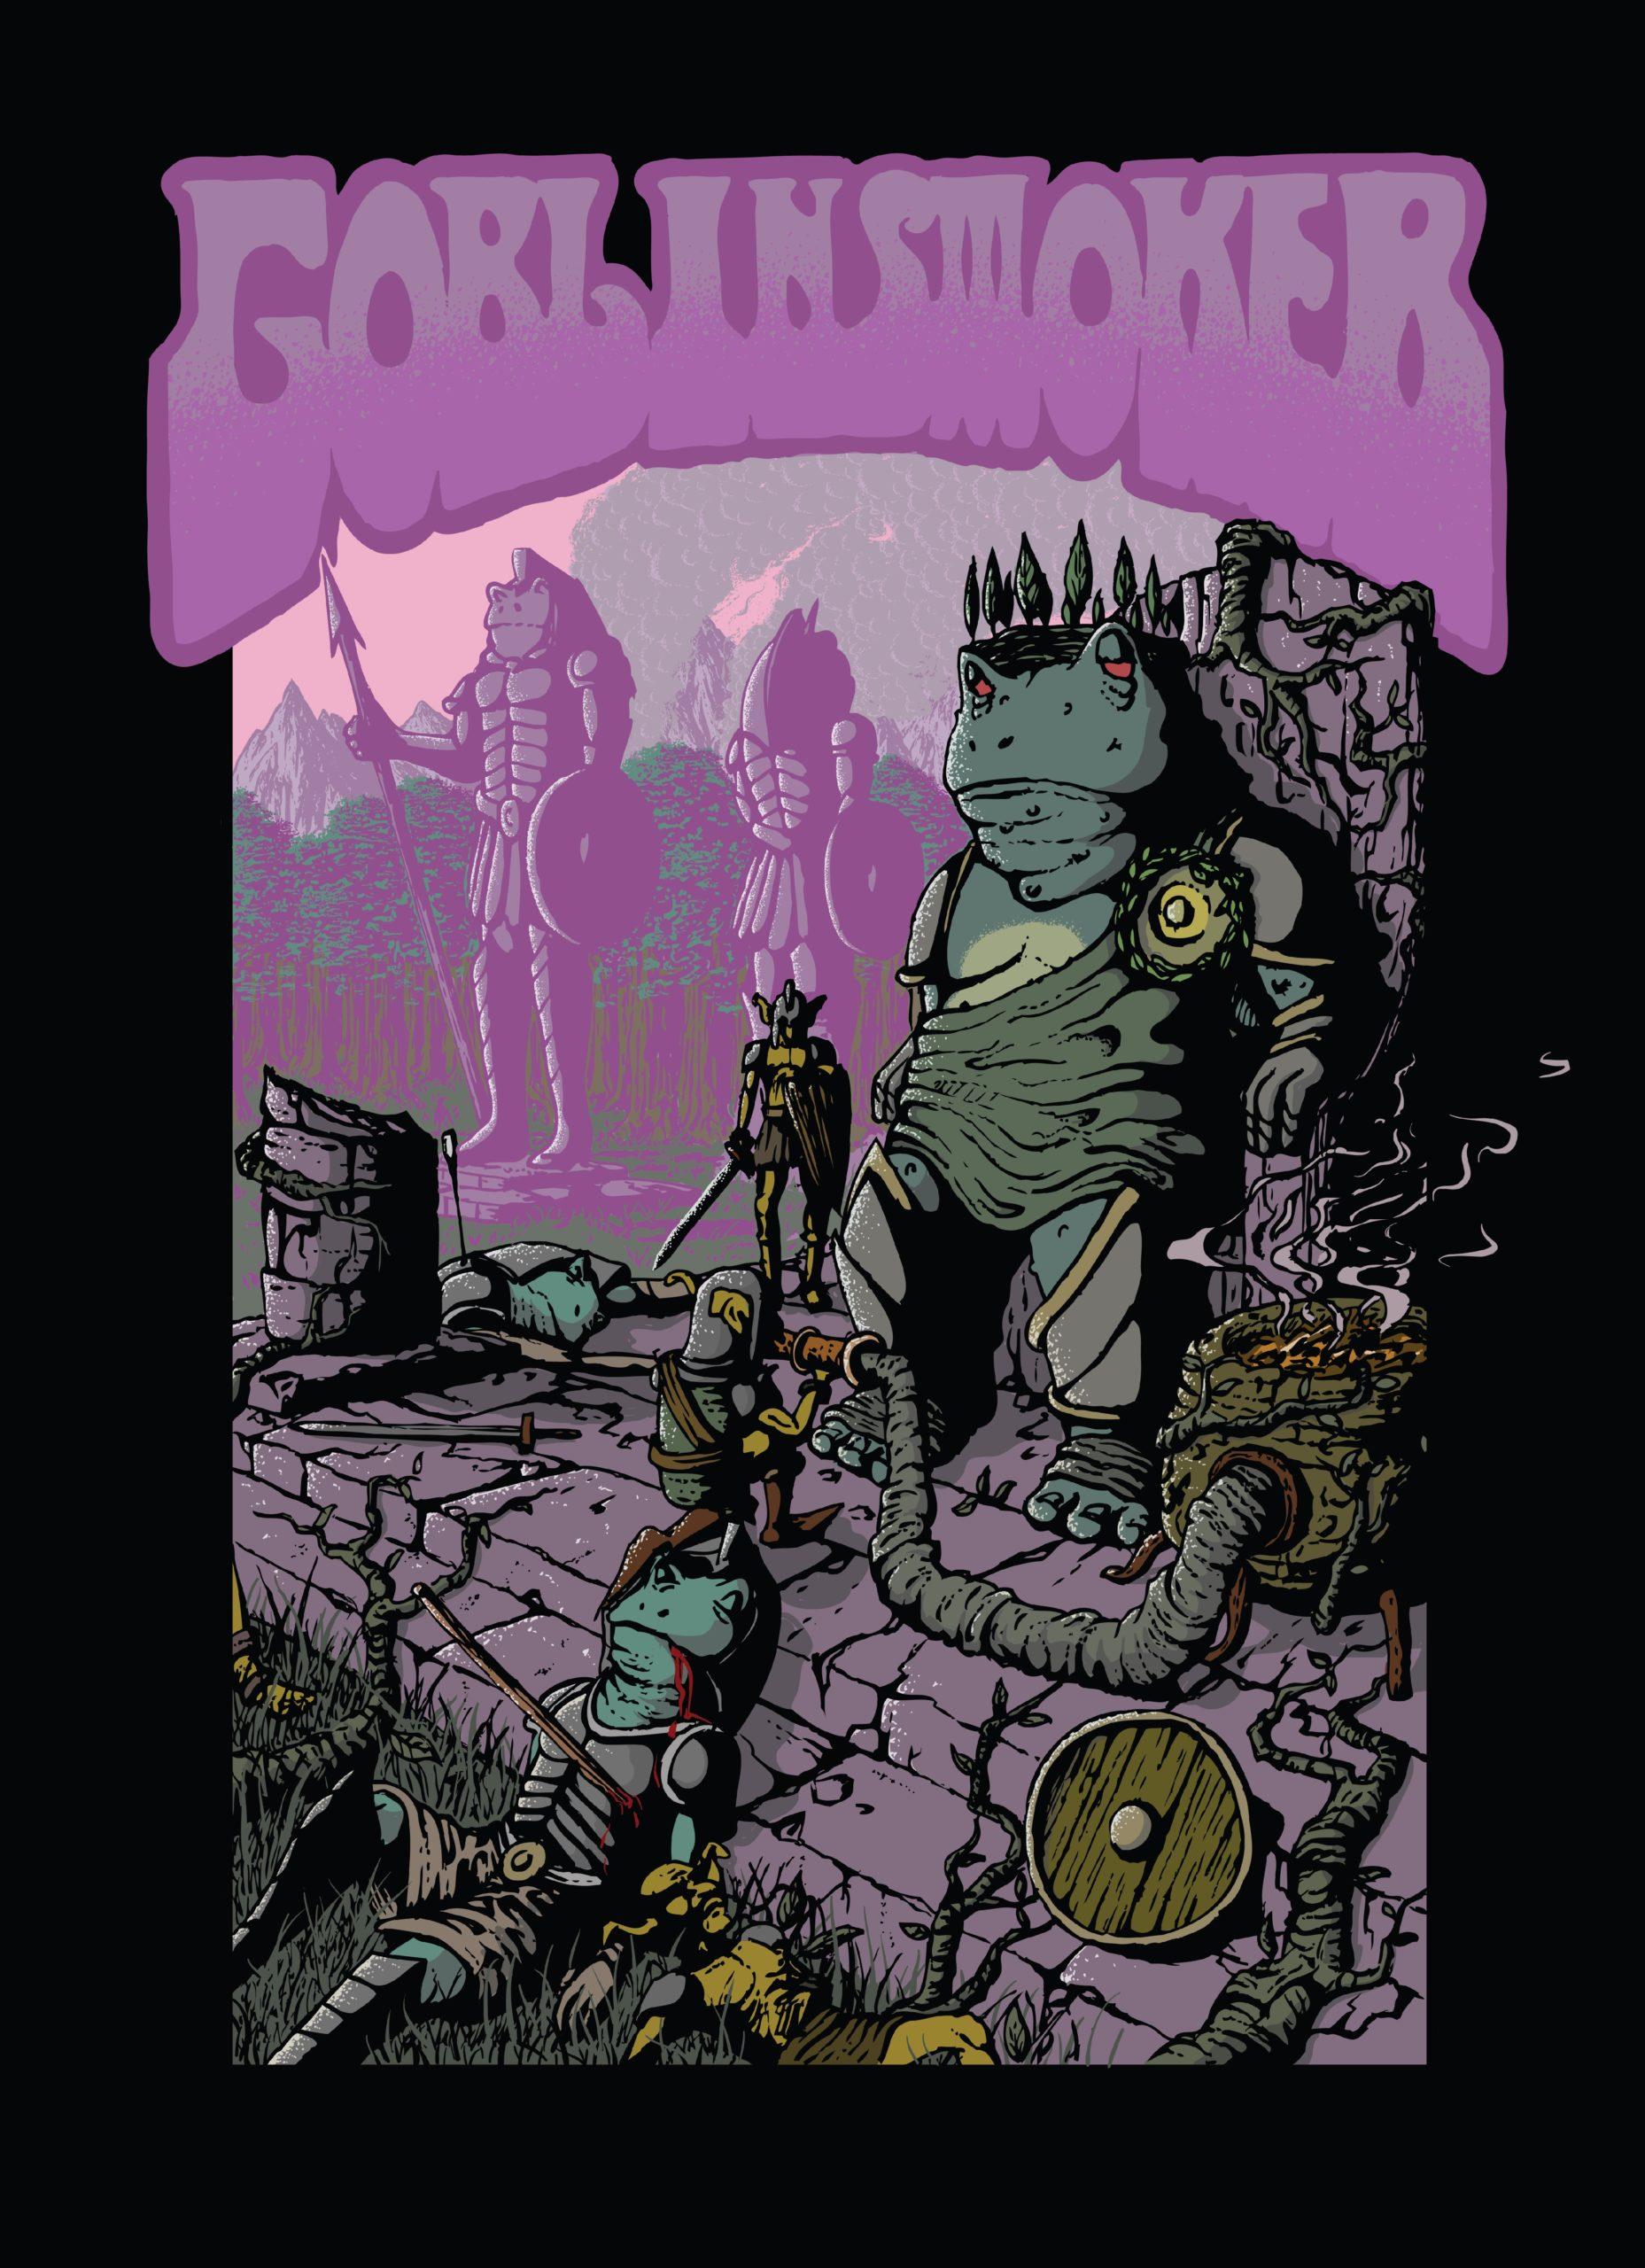 Goblinsmoker - A Throne in Haze, A World Ablaze albumcover